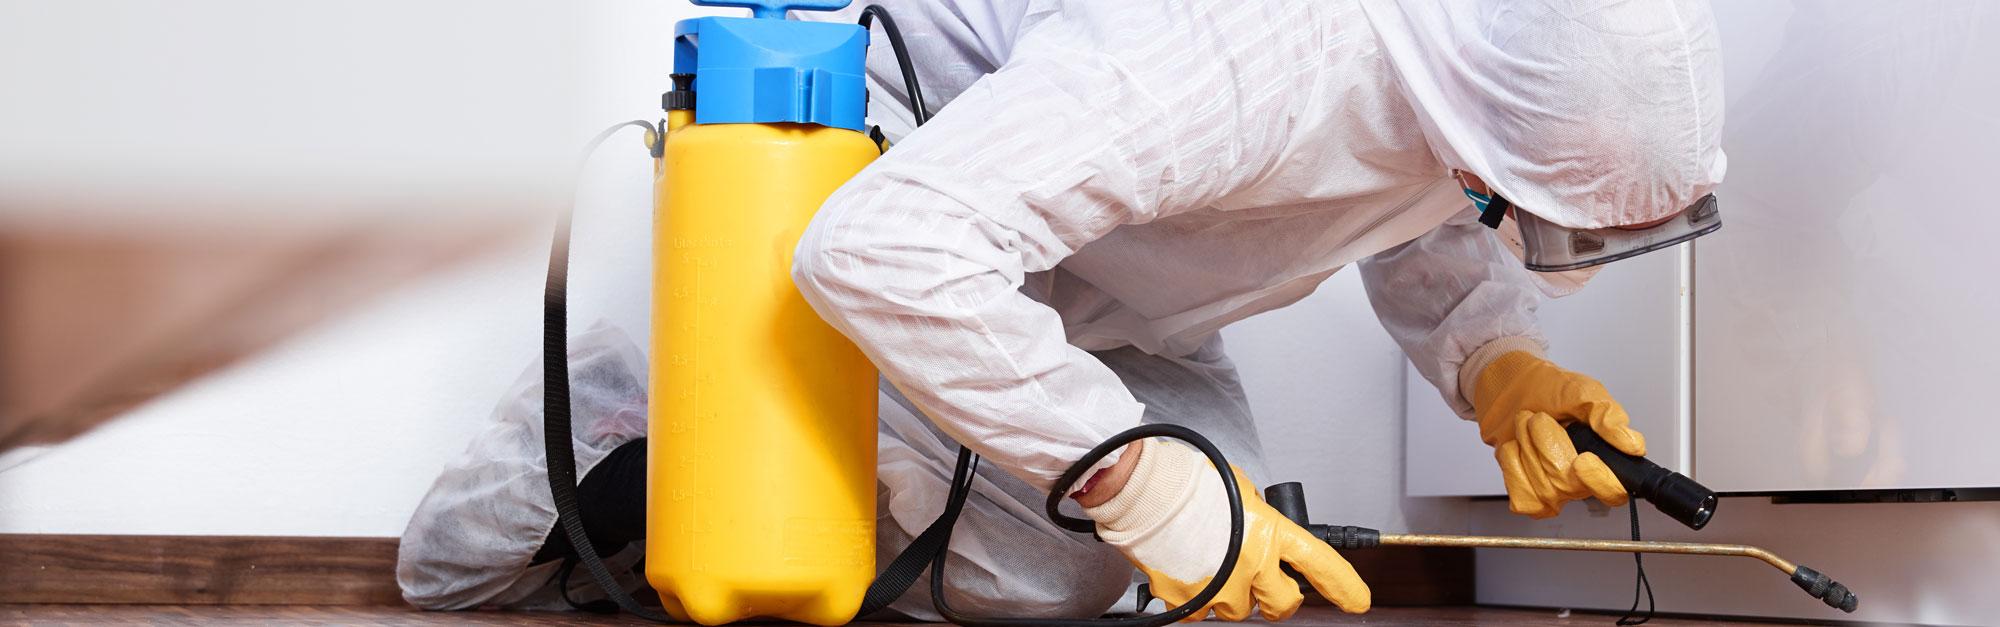 La rinascita impresa di pulizia e servizi di disinfestazione - Insetti da letto ...